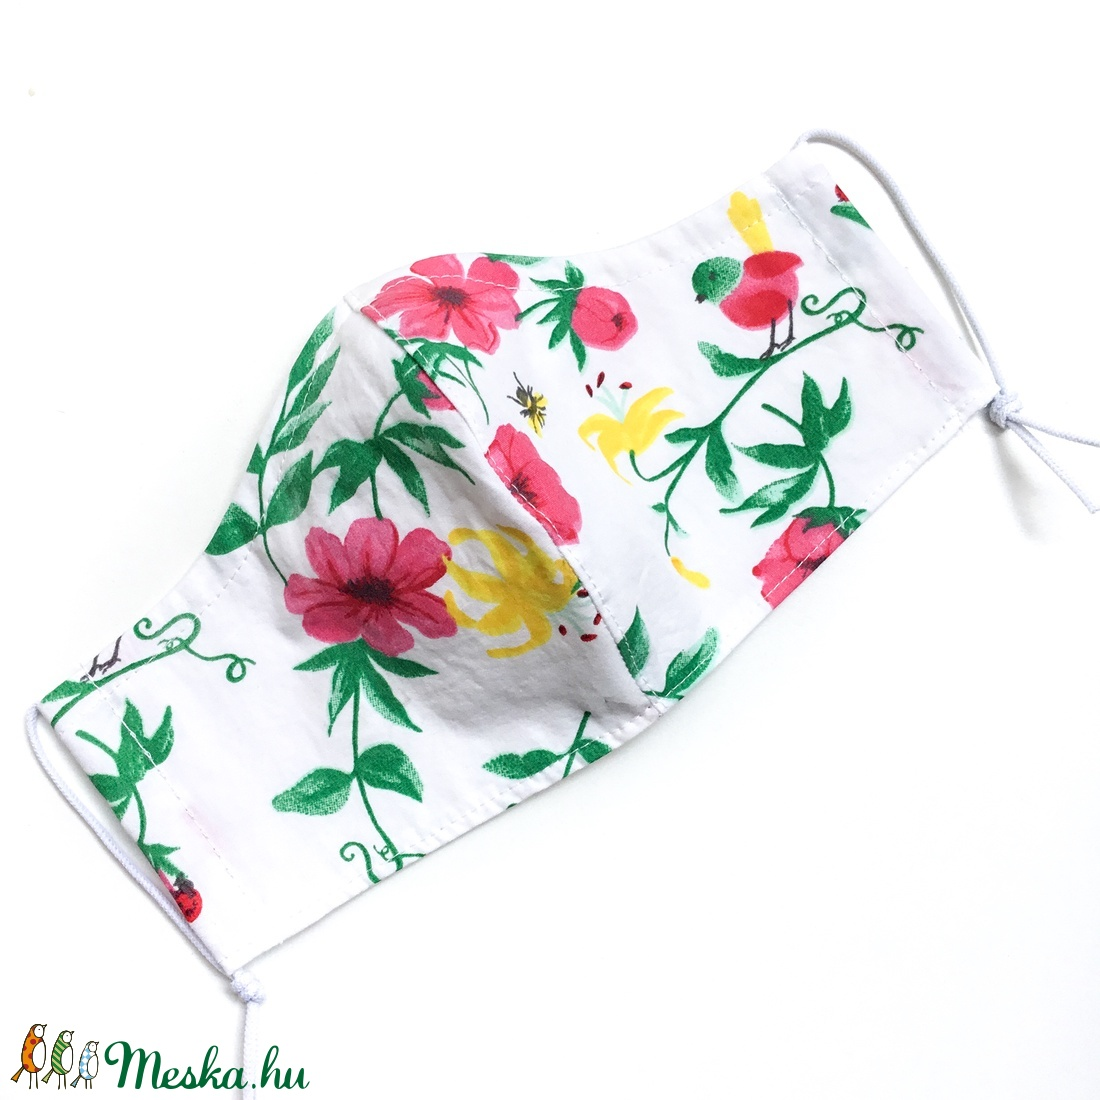 Tavaszi Virágos nőies szájmaszk mosható pamutból - arcmaszk opcionális dróttal felnőtt, kislány, női és gyerek méretben - maszk, arcmaszk - női - Meska.hu